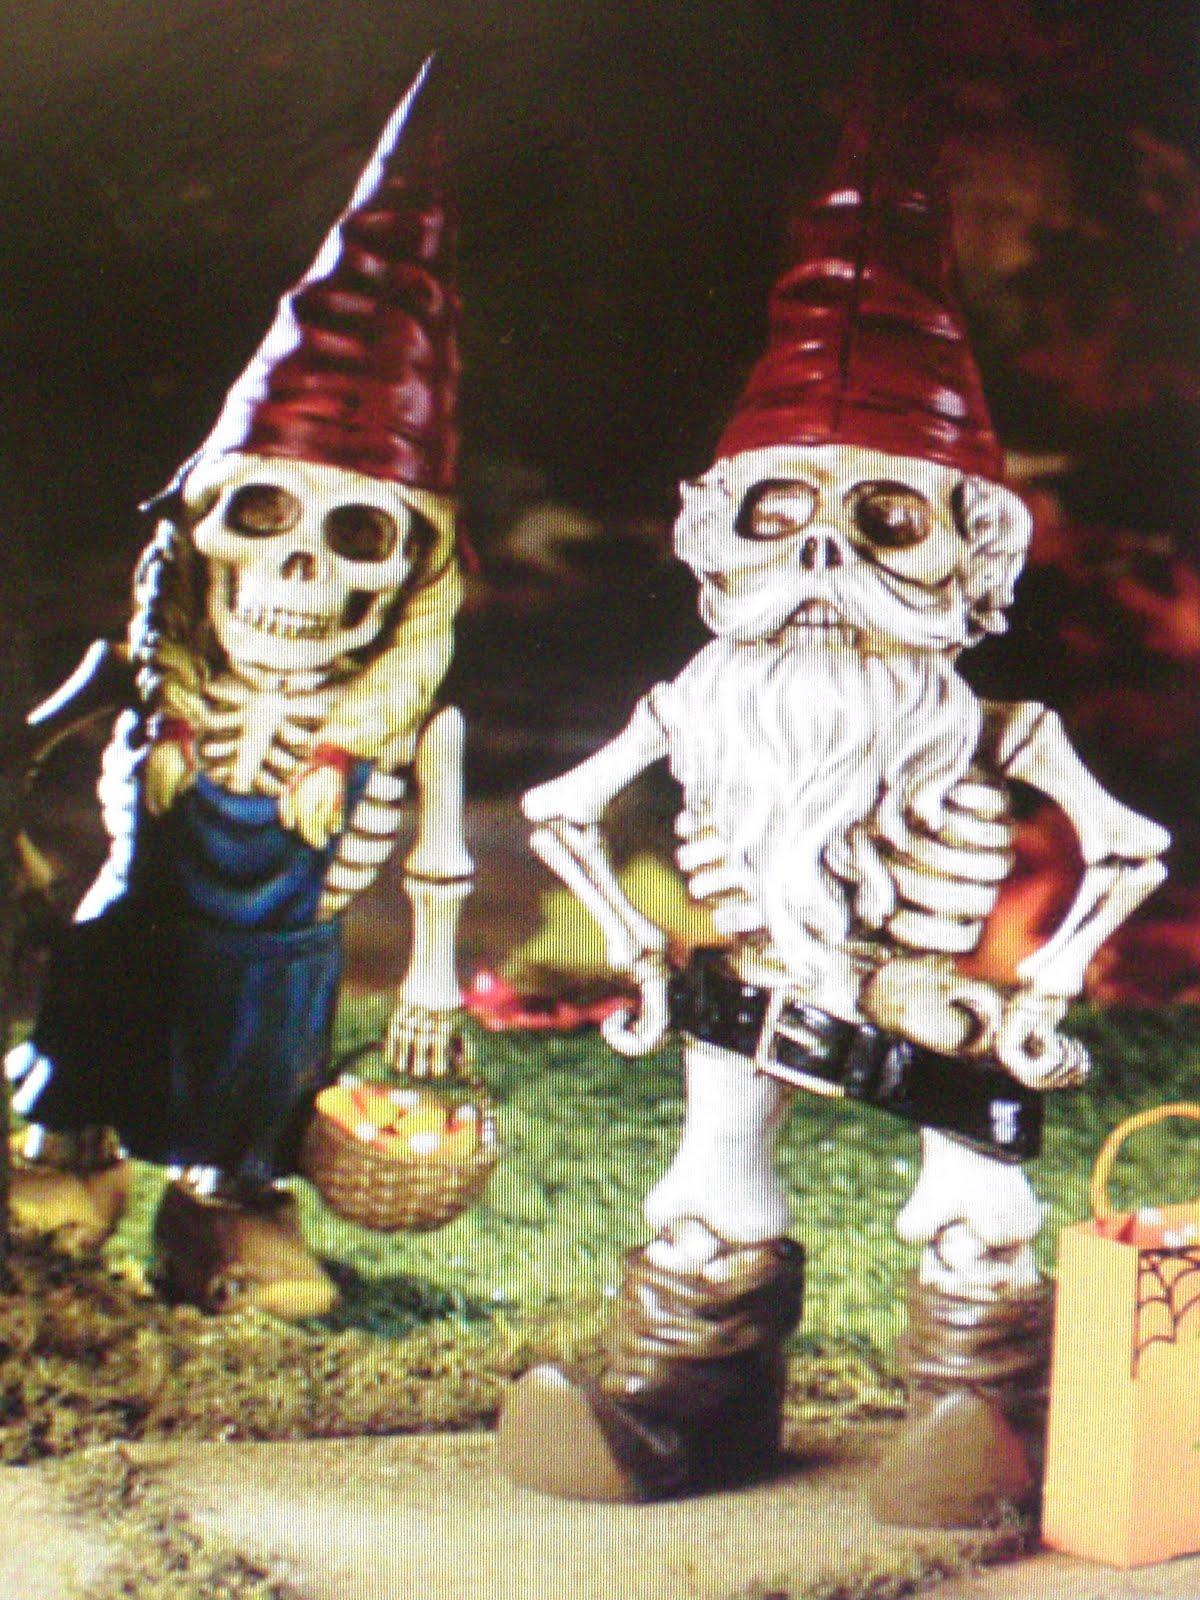 Female Garden Gnomes: Midnight In The Garden Of Evil: Female Skeleton Gnome